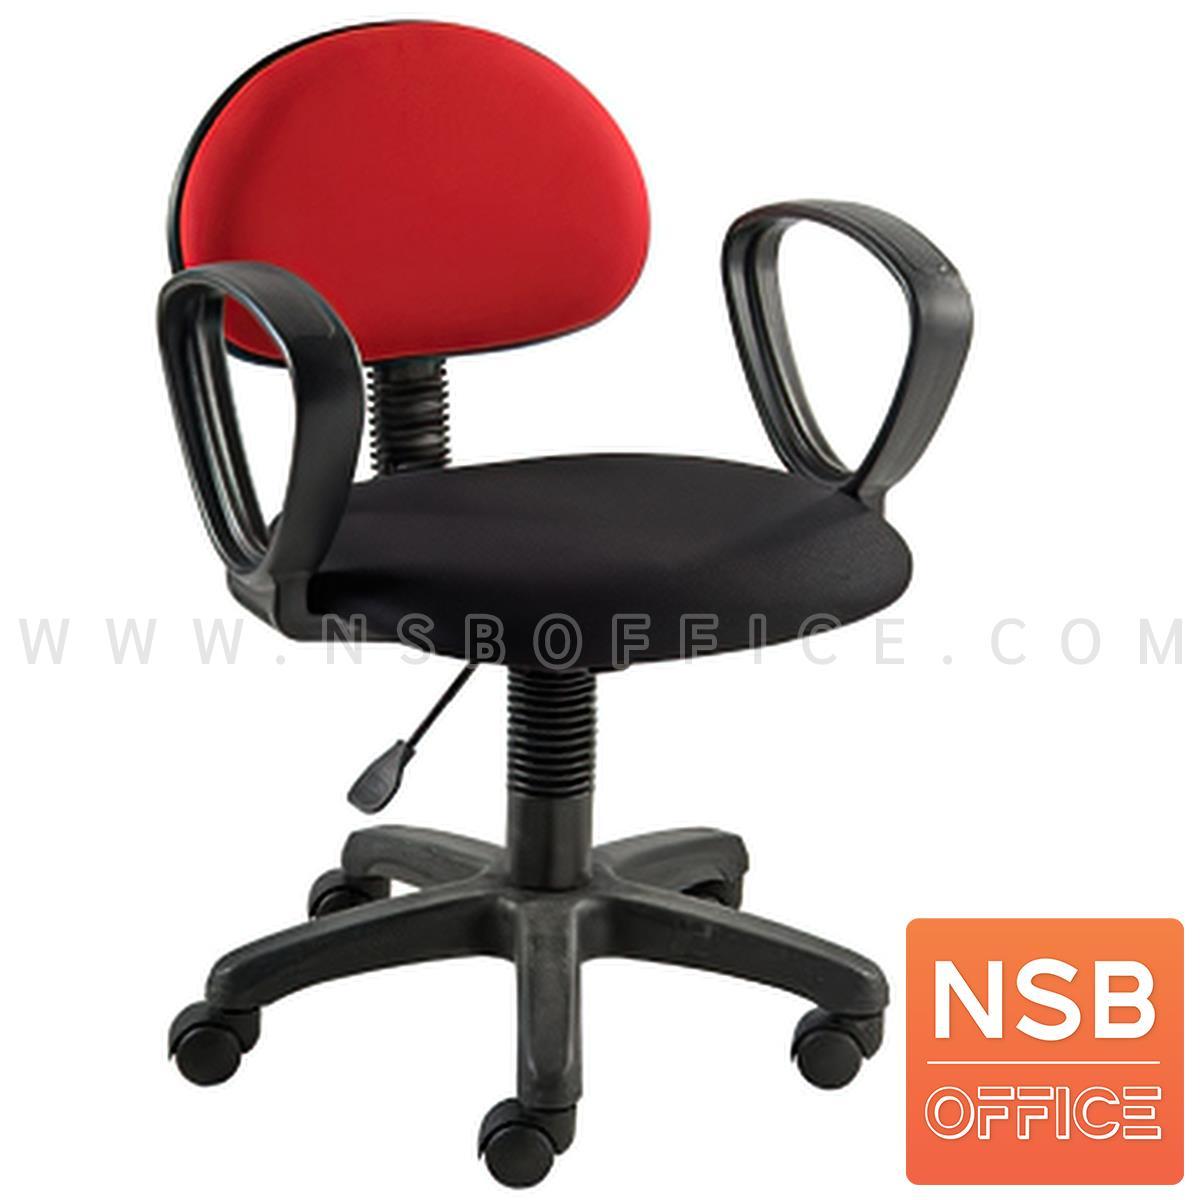 B03A514:เก้าอี้สำนักงาน รุ่น Blackrock (แบล็คร็อค)  ปรับระดับสูง-ต่ำได้ ขาพลาสติก